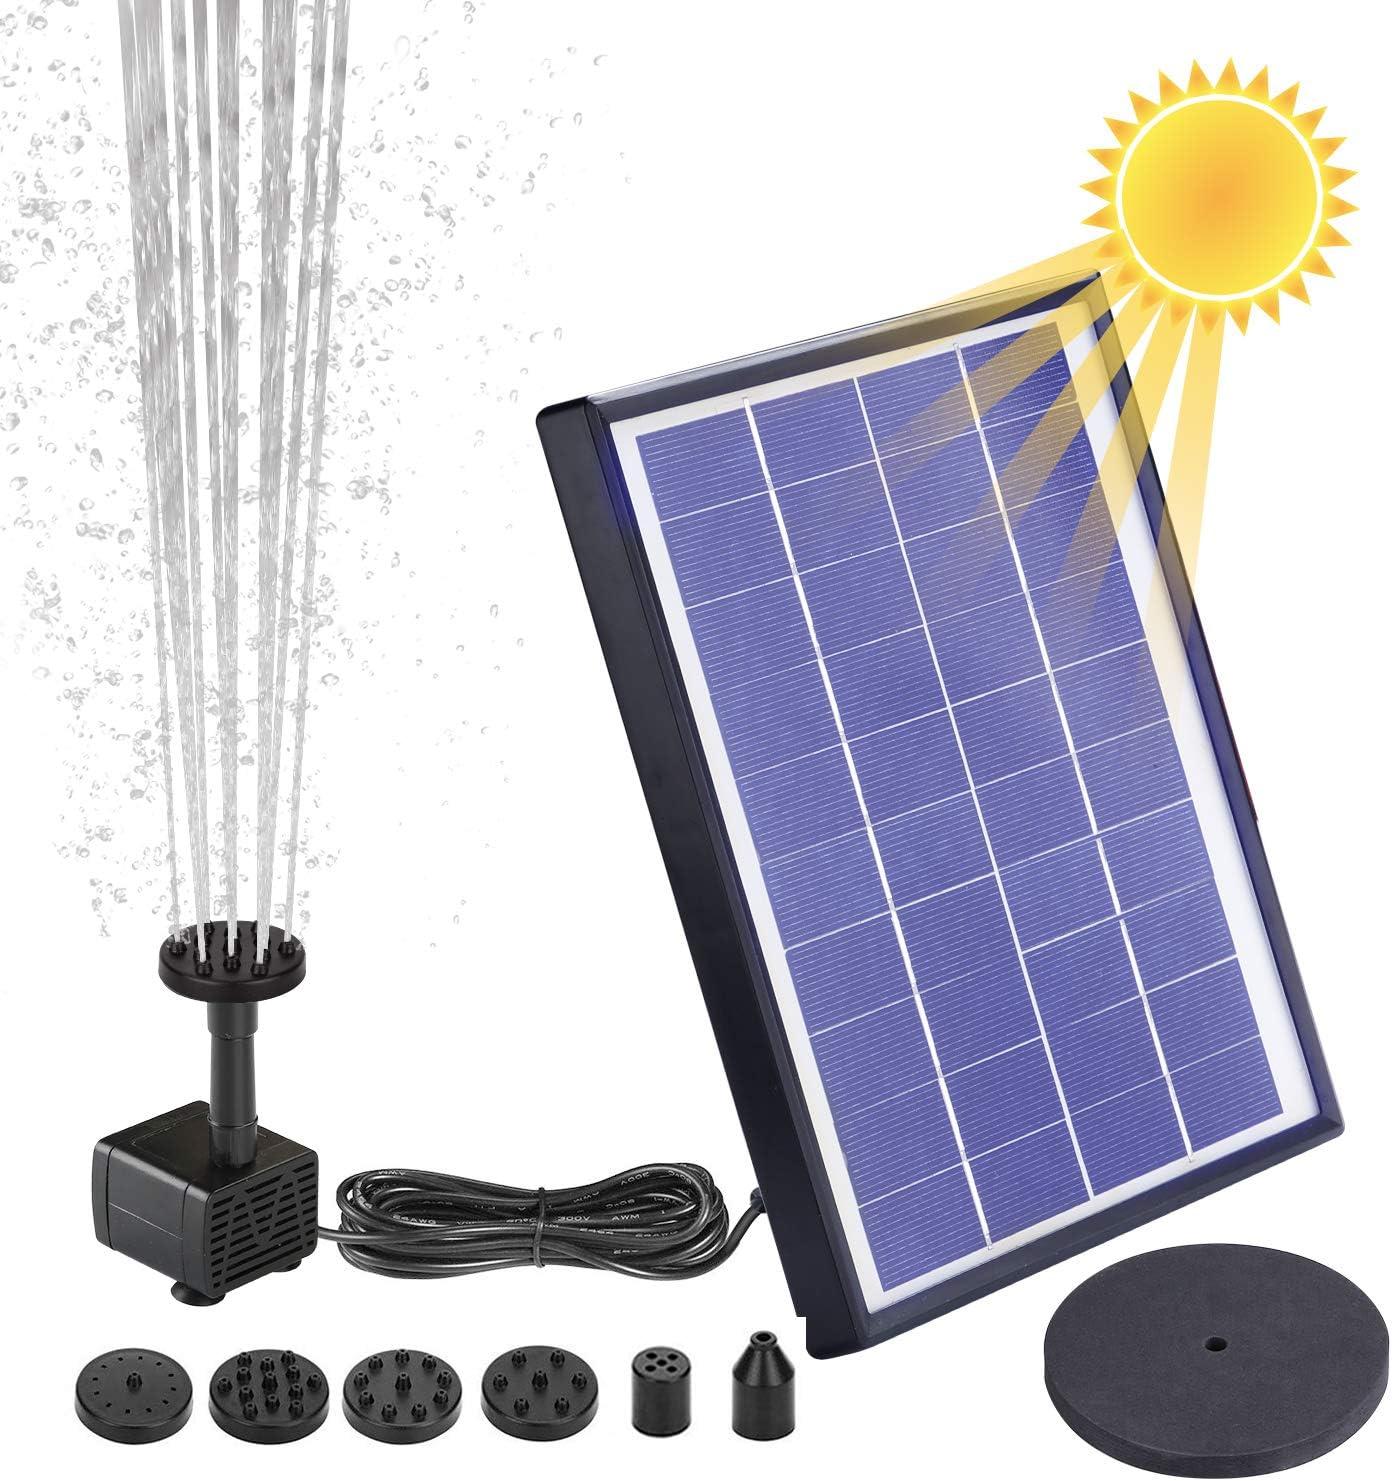 AISITIN Solar Fuente Bomba, 6.5W Fuente de Jardín Solar, Batería Incorporada, Caudal 400 L/H, con 6 Boquillas y Tabla Flotante para Pequeño Estanque, Baño de Aves, Fish Tank y Decoración del Jardín